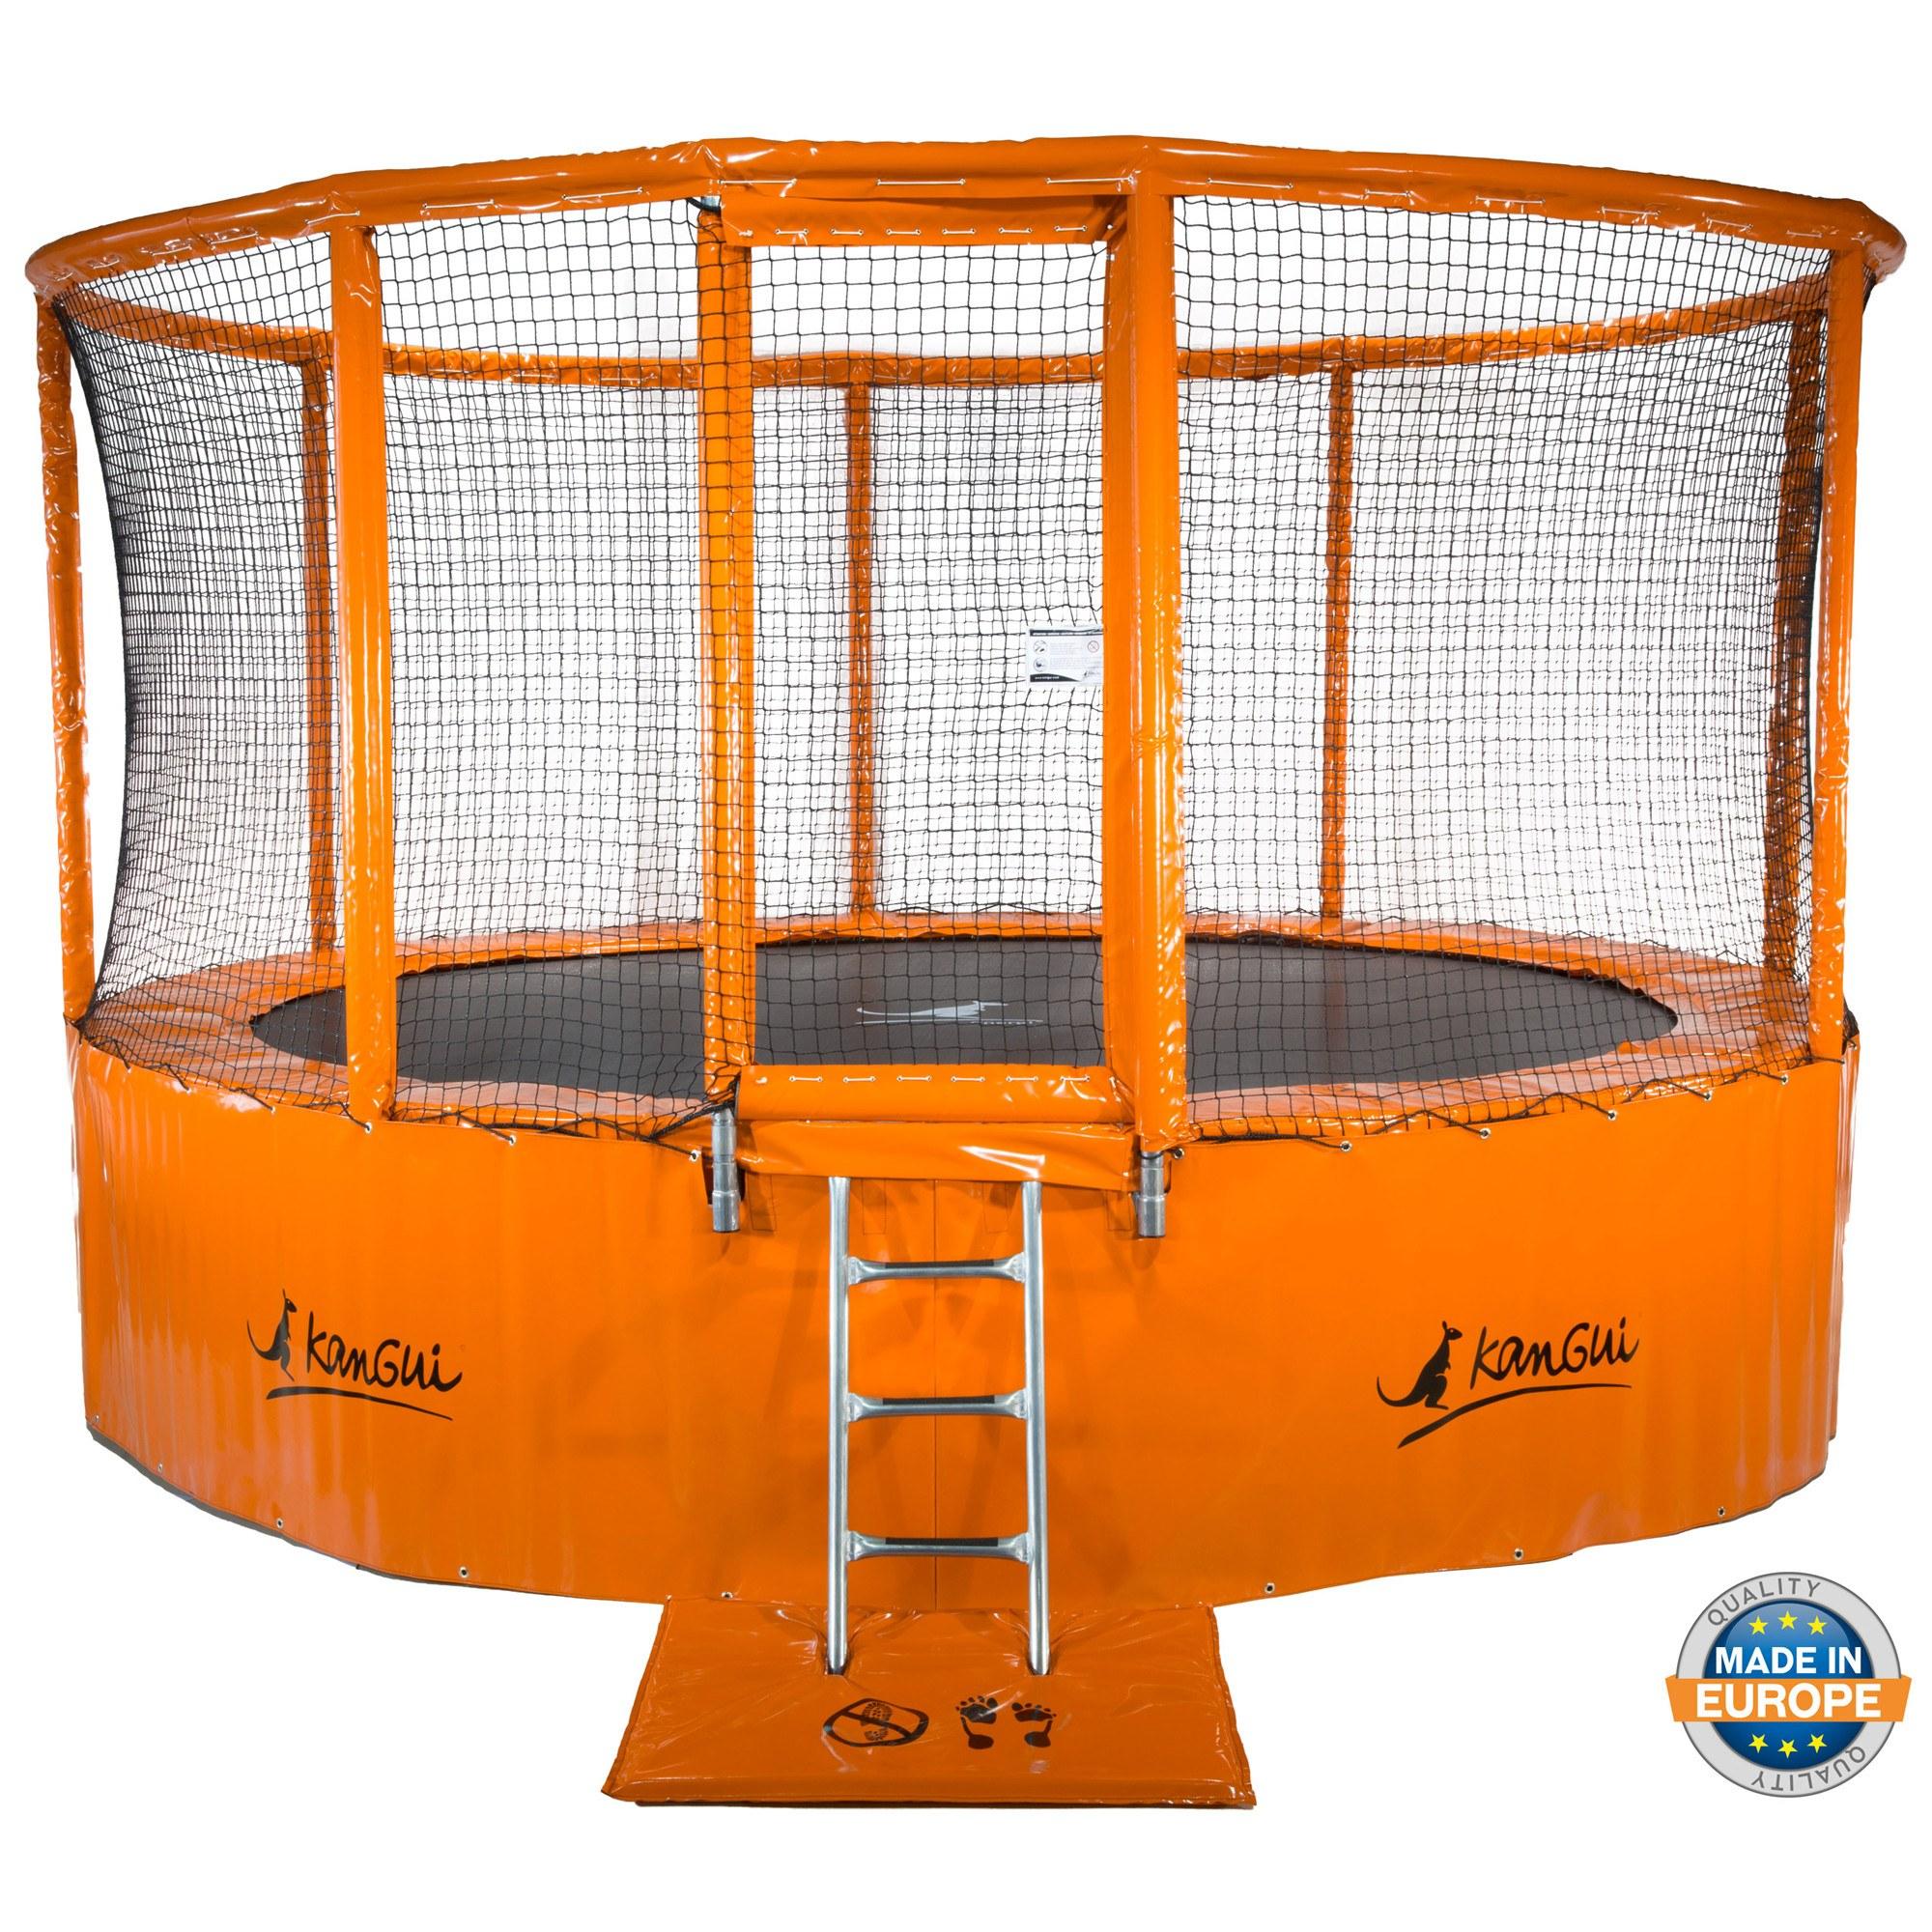 Nouveaux, le trampoline